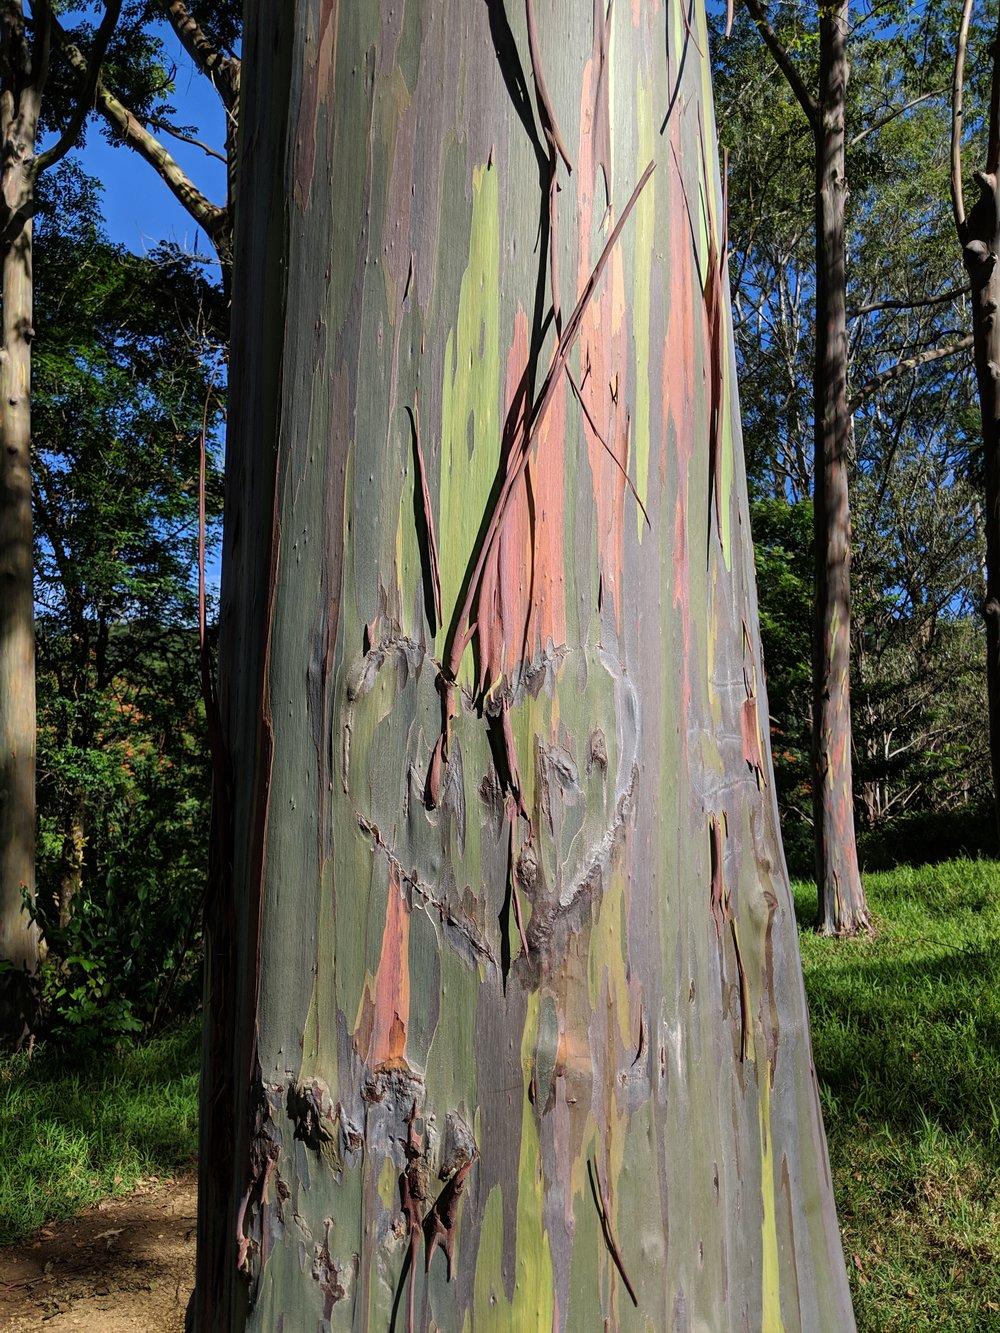 rainbow eucalyptus @ Keahua arboretum